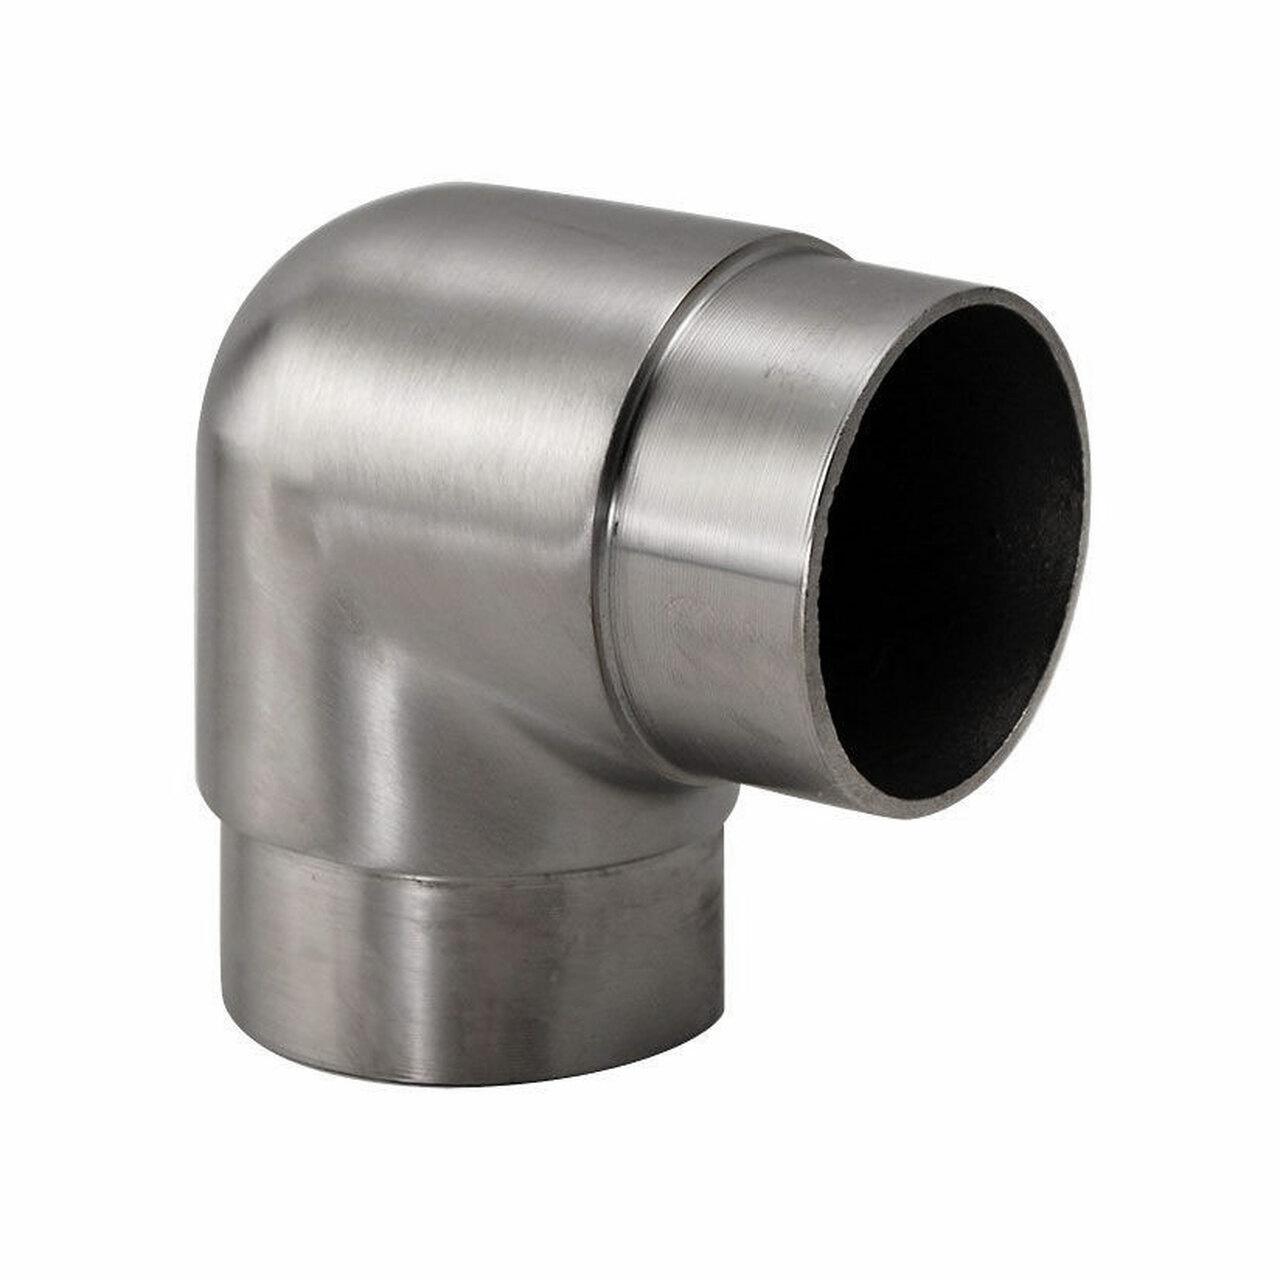 Flush 90 Degree Elbow - 1.5